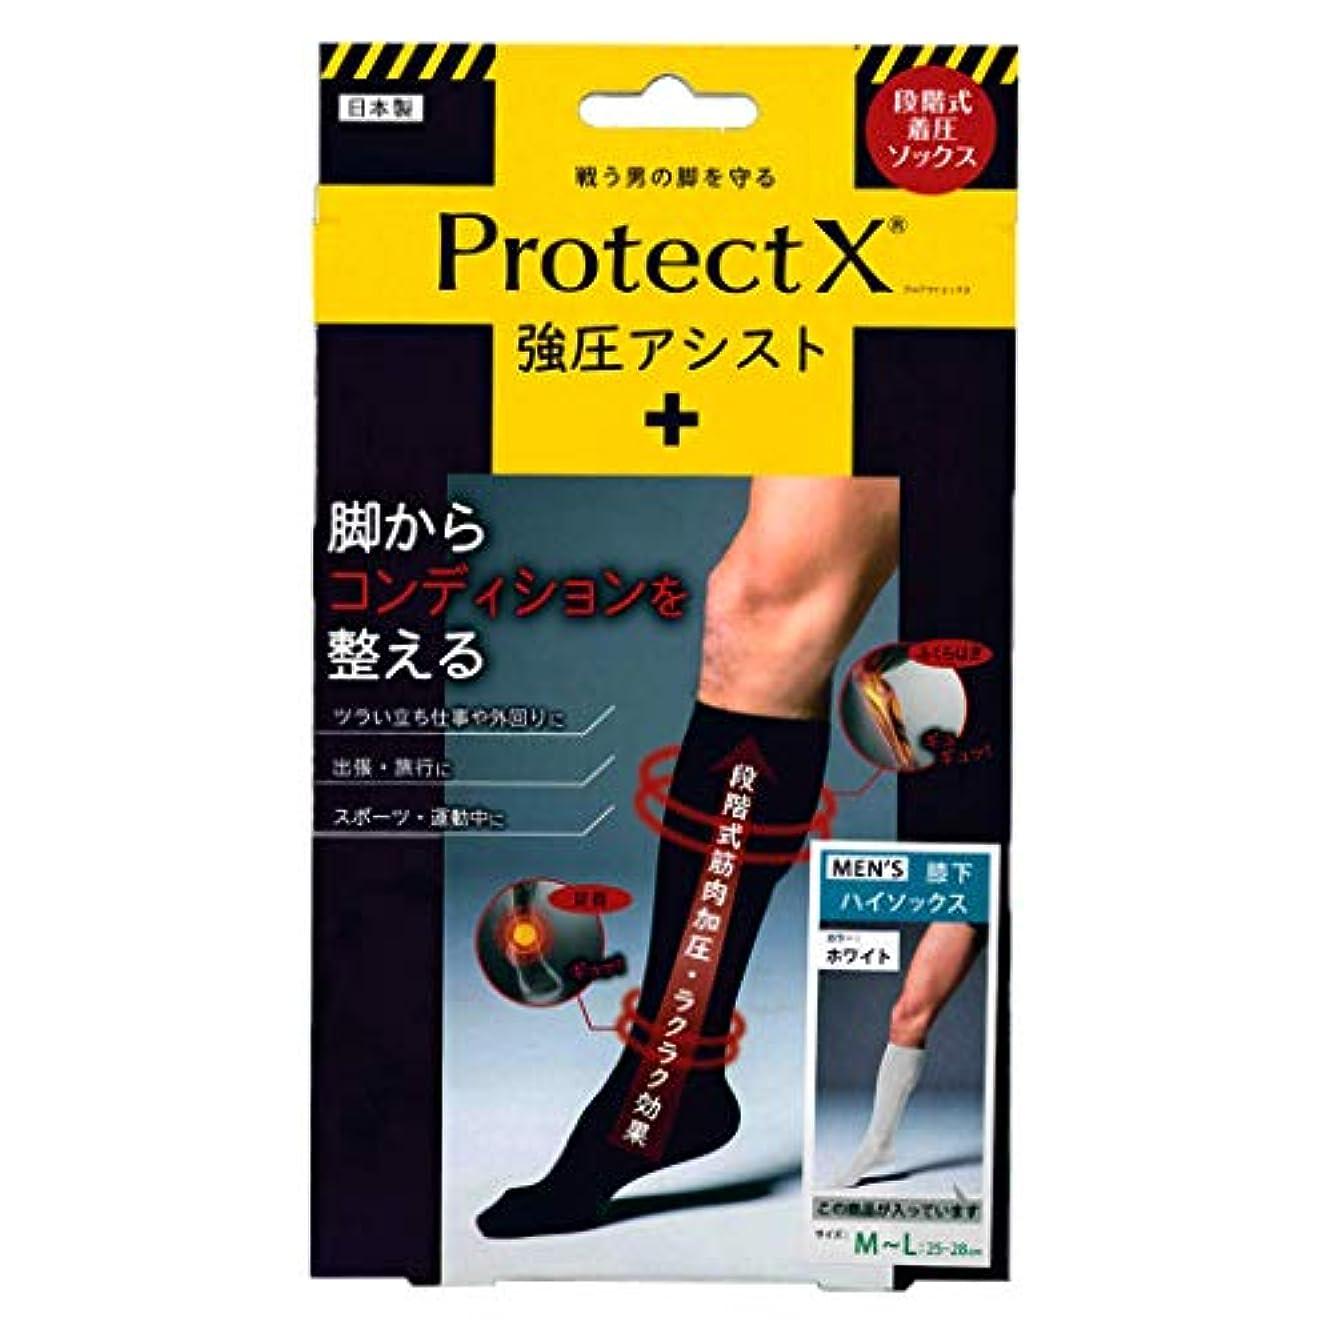 カーテン考えタイマーProtect X(プロテクトエックス) 強圧アシスト つま先あり着圧ソックス 膝下 M-Lサイズ ホワイト